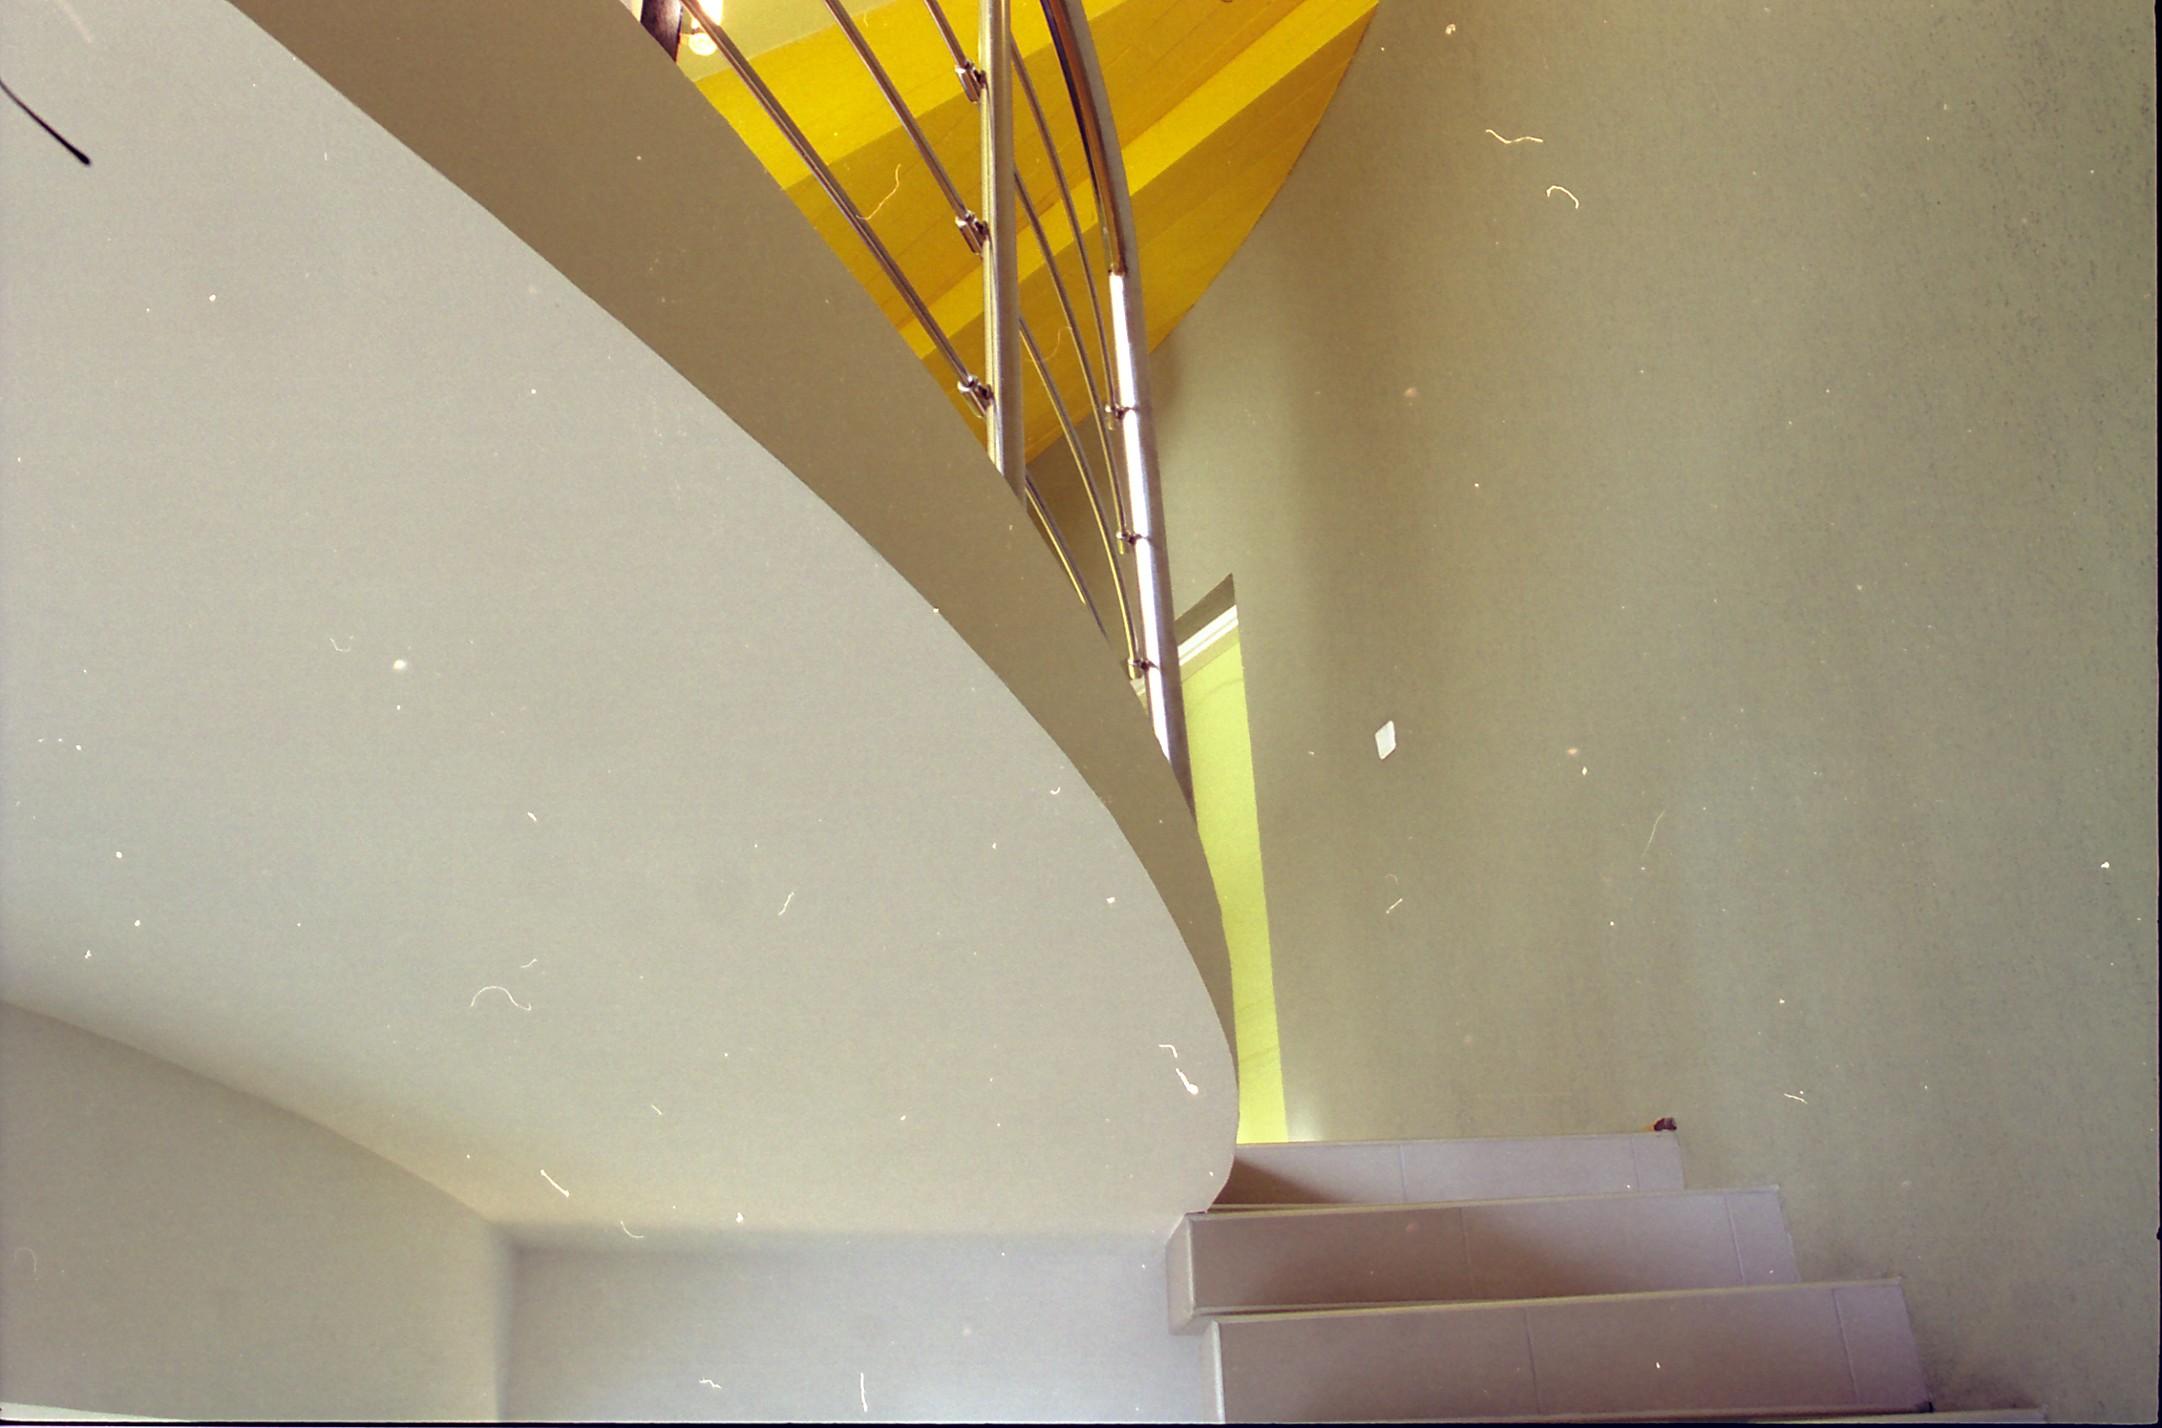 Casa de vacanta  - Poza 23